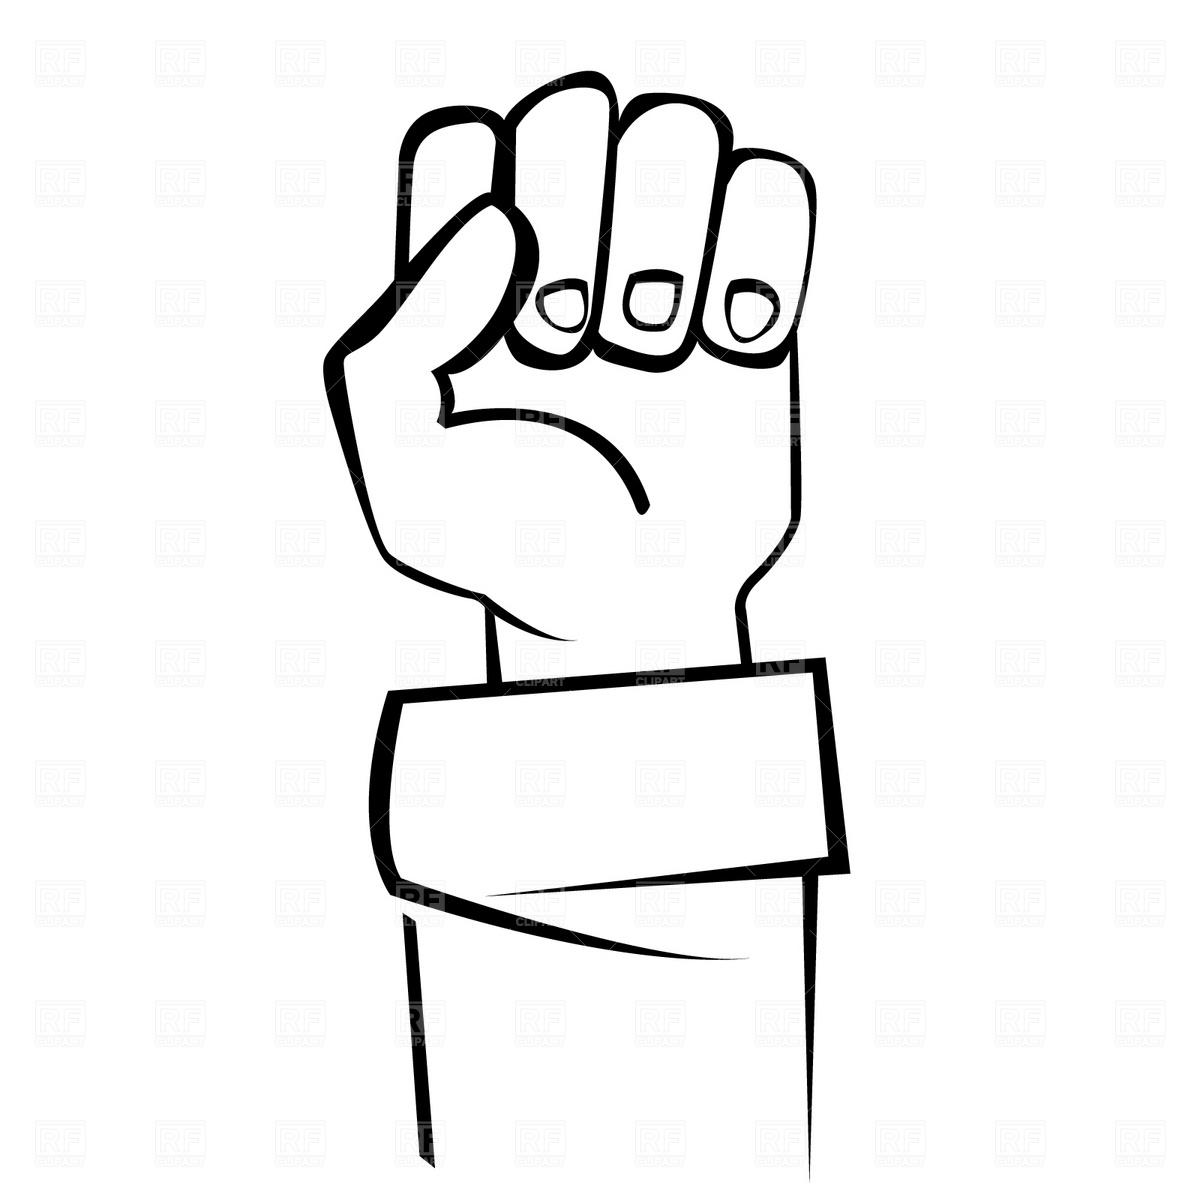 Drawn x free clip. Fist clipart back fist